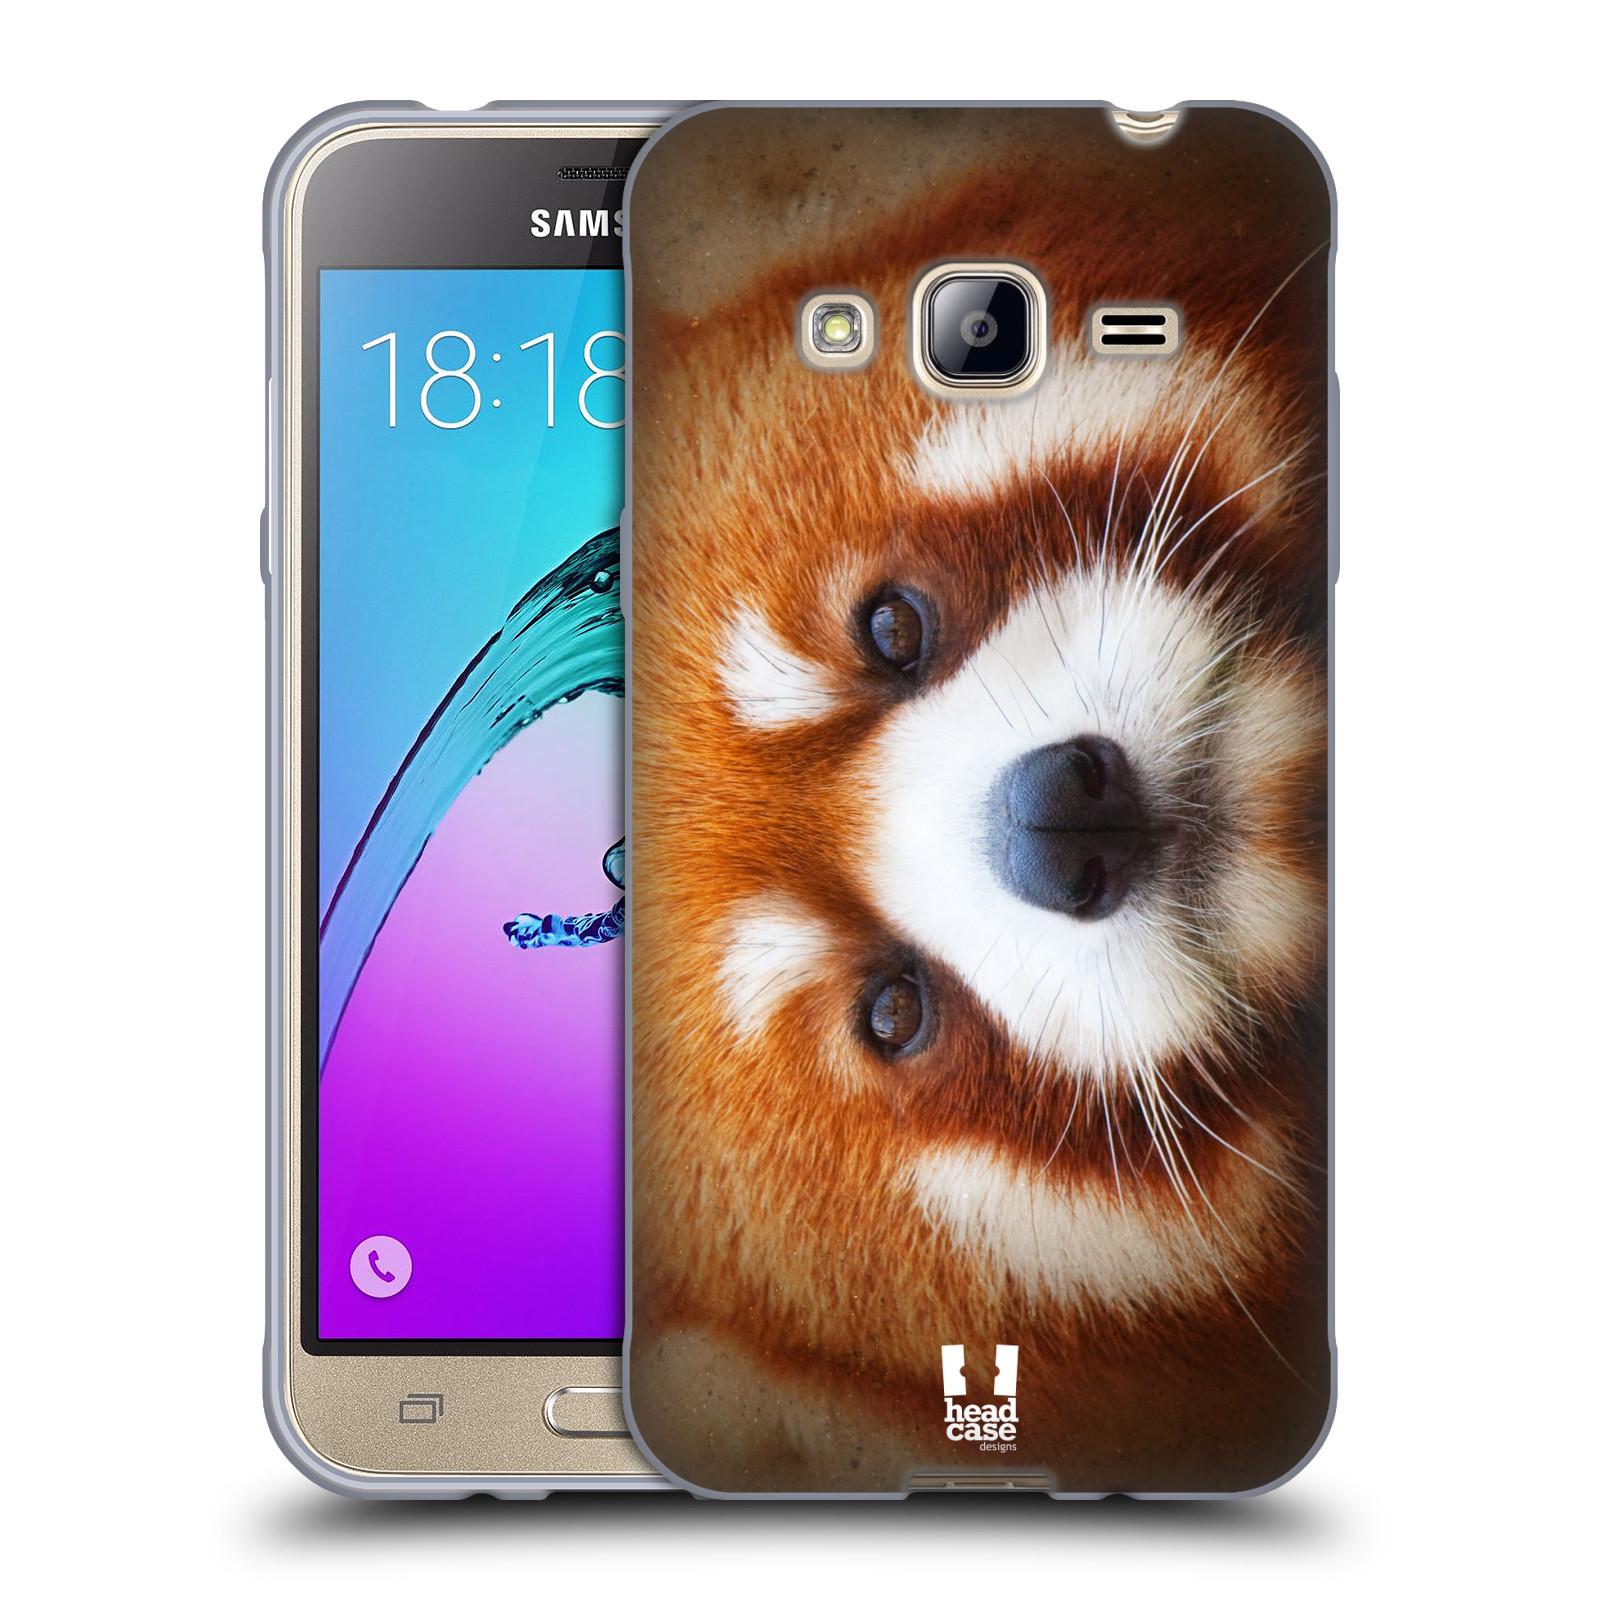 HEAD CASE silikonový obal na mobil Samsung Galaxy J3, J3 2016 vzor Zvířecí tváře 2 medvěd panda rudá